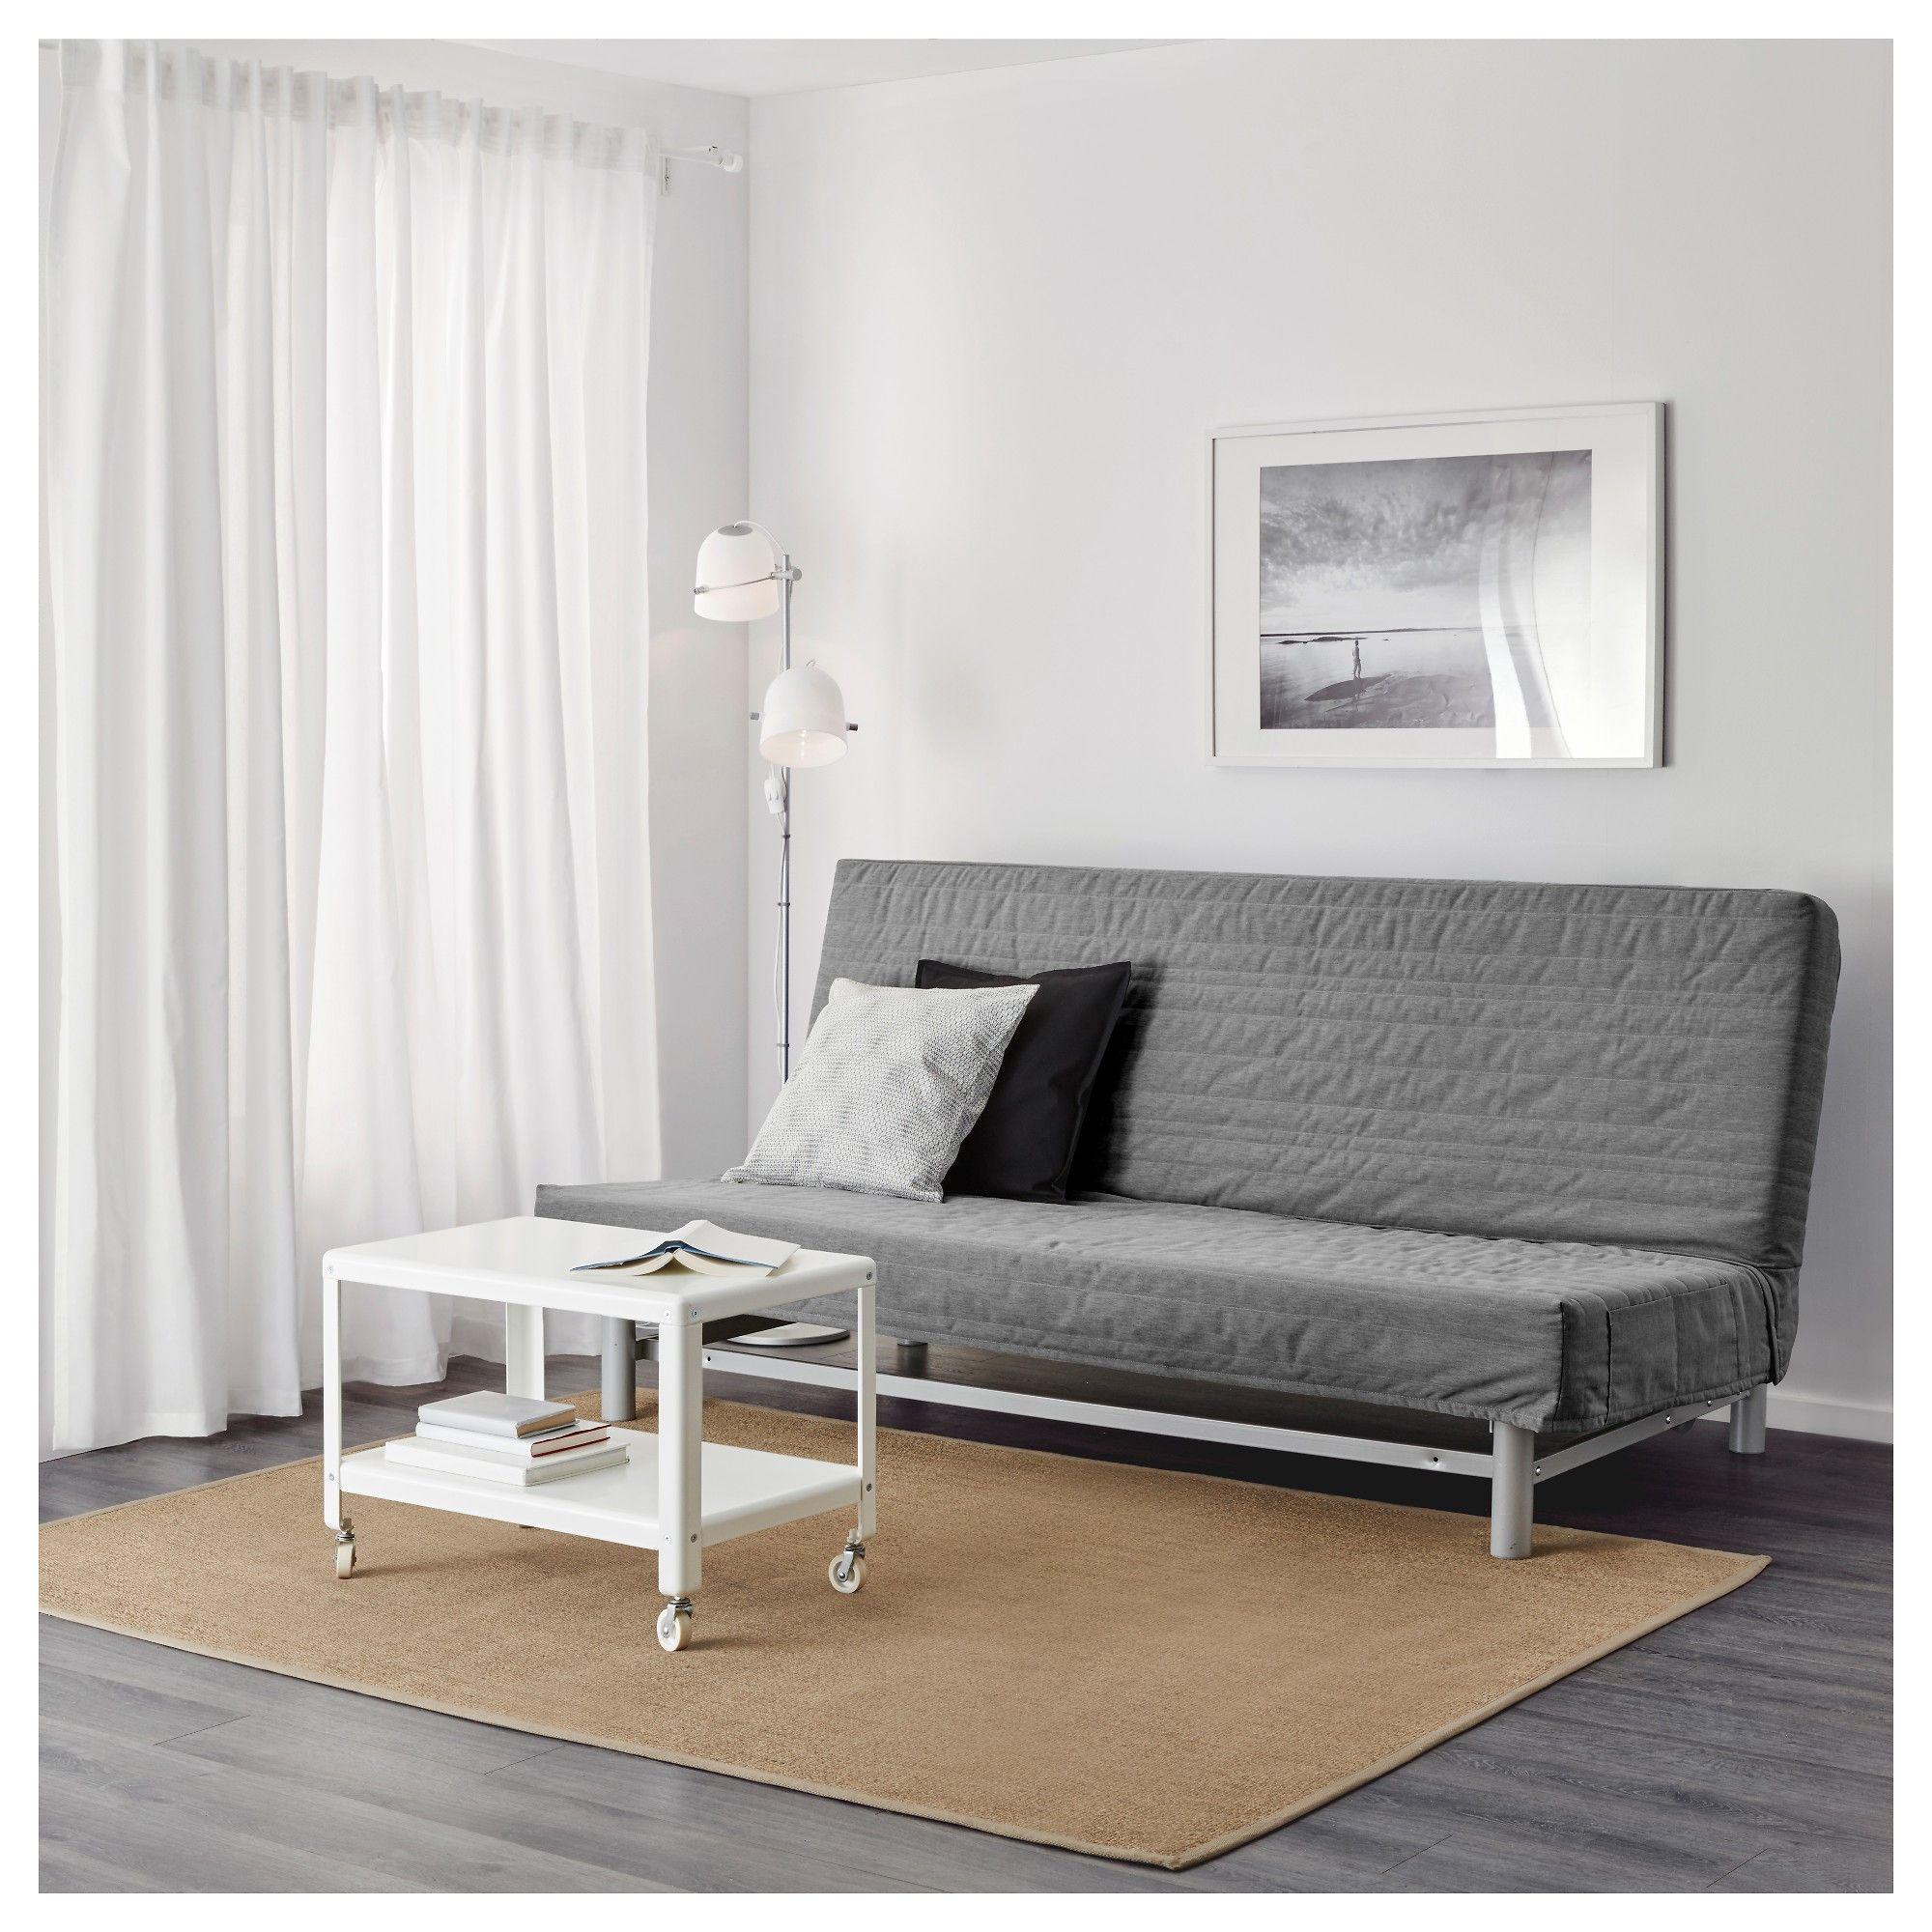 70 Schon Fotografie Von Ikea Bett Sofa Di 2020